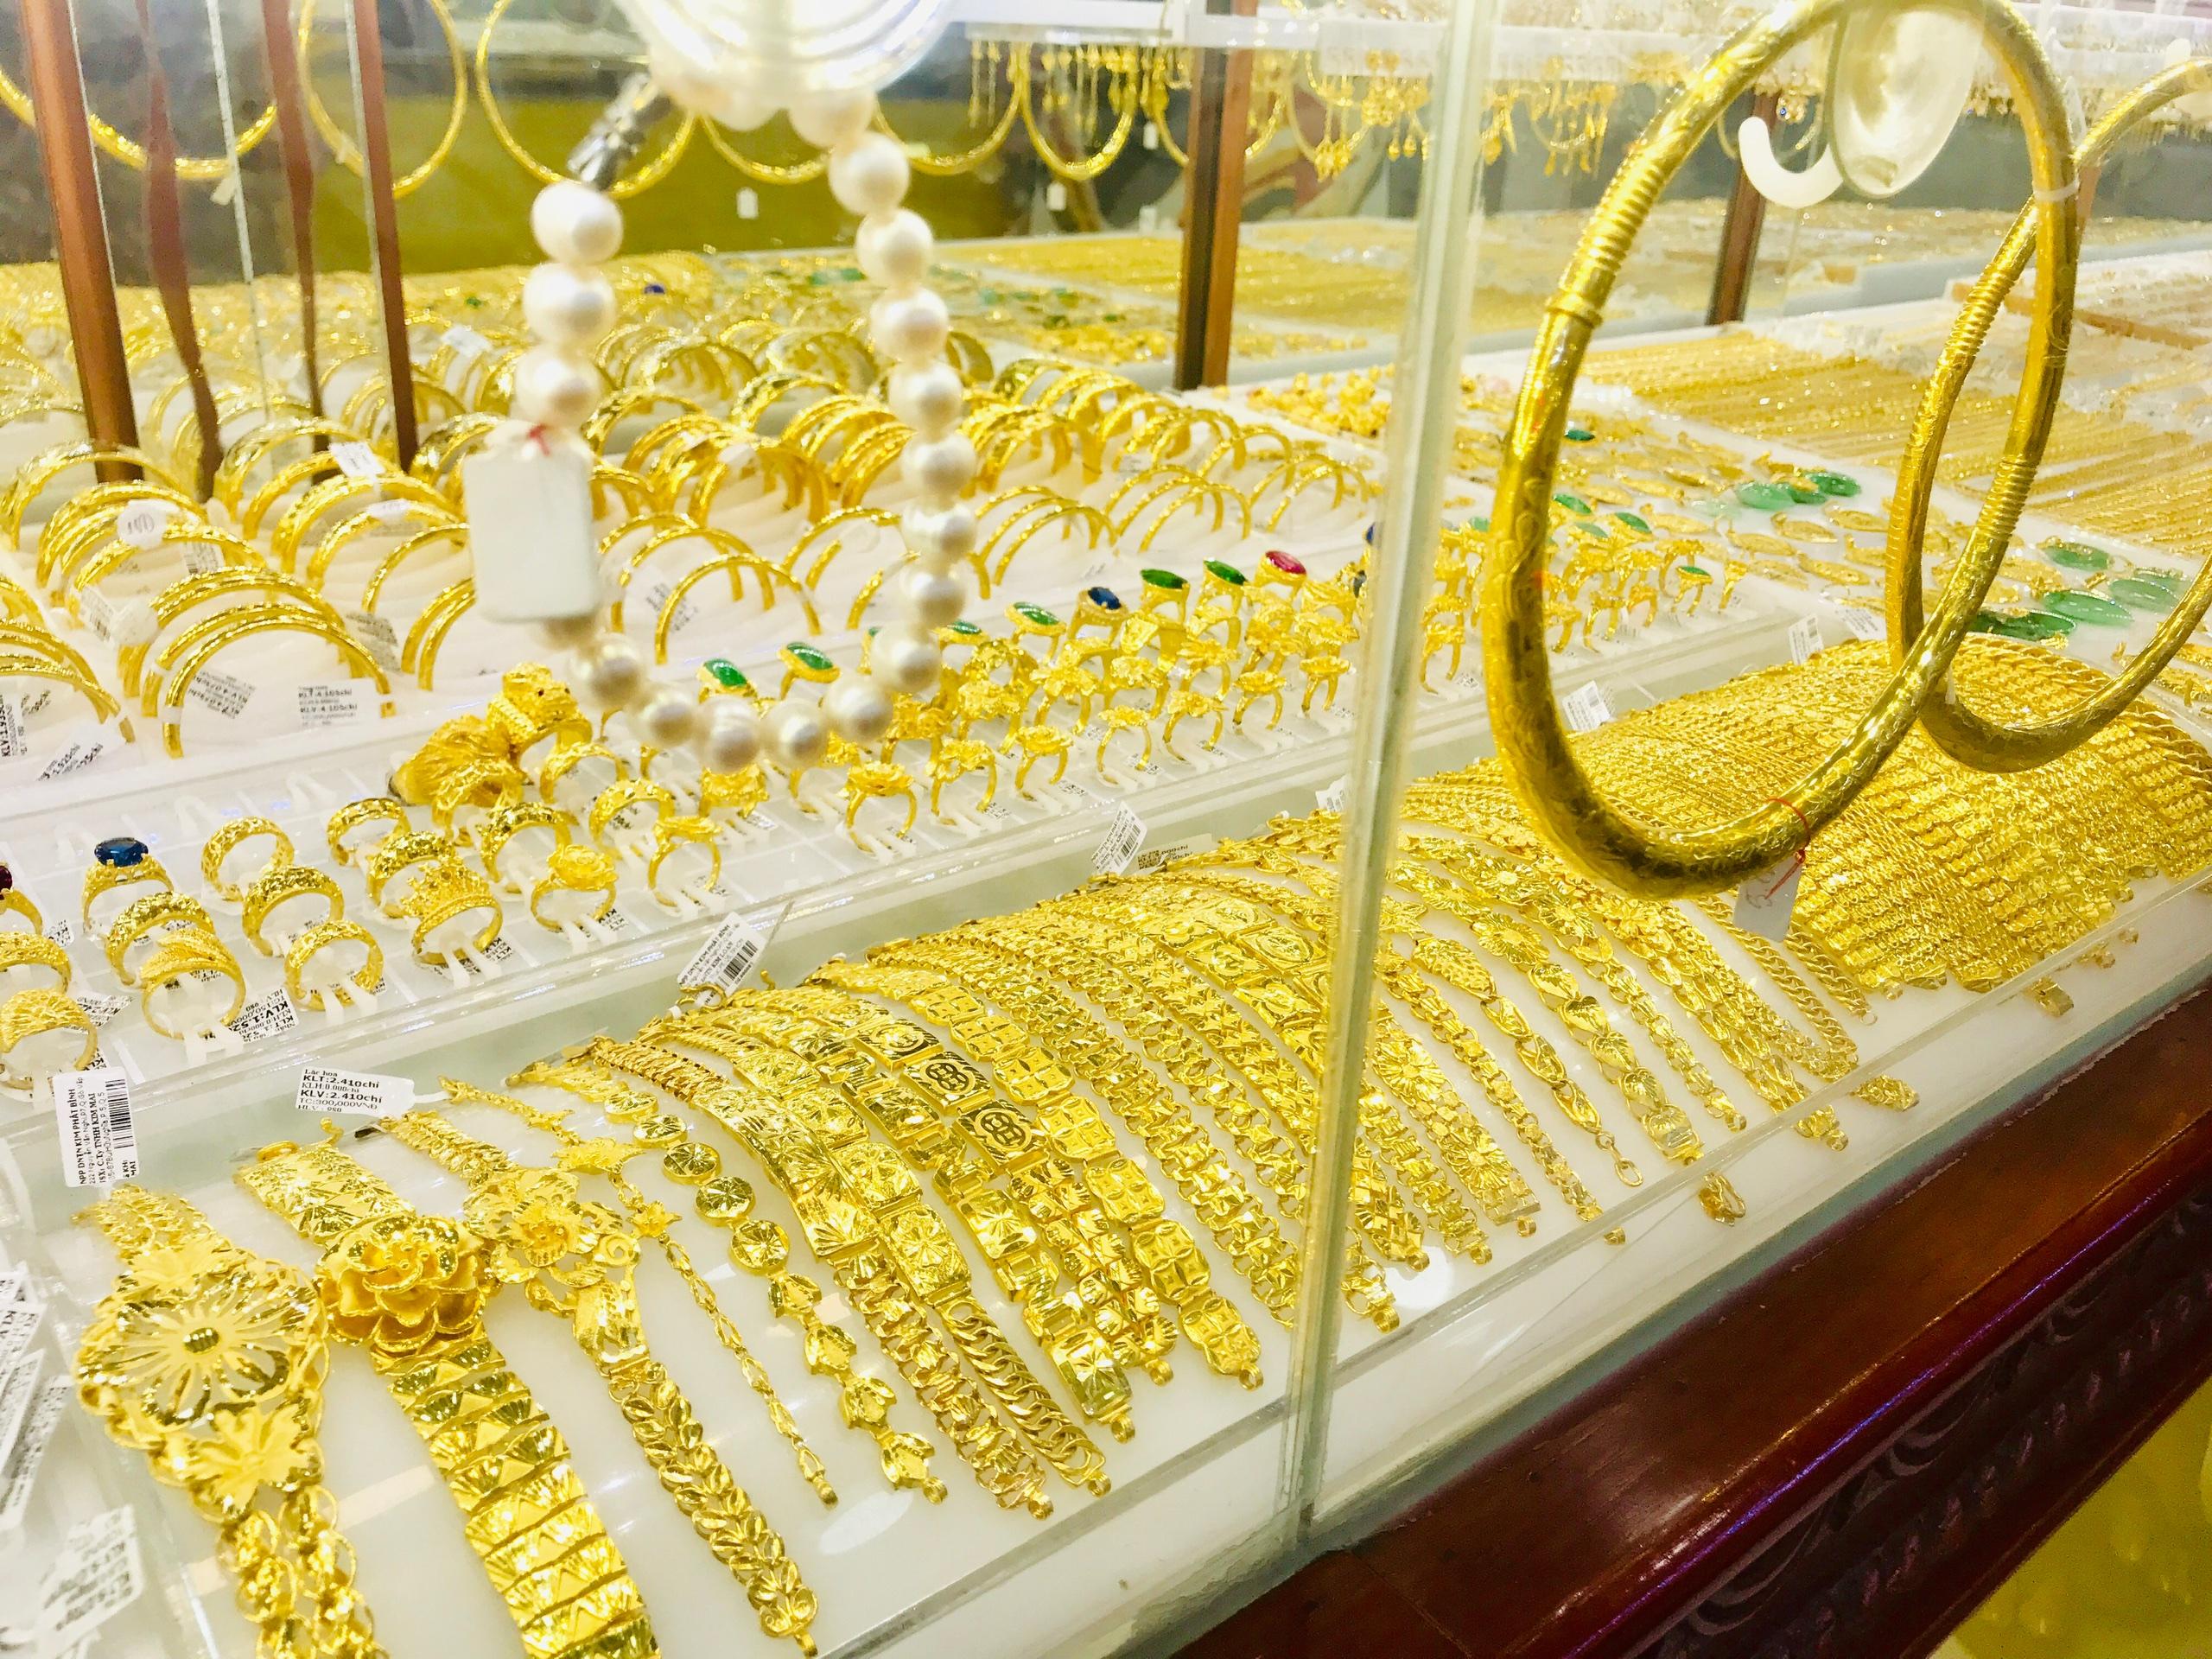 Chênh lệch mua - bán cả triệu đồng, đầu tư vào vàng có kịp hưởng lợi? - Ảnh 1.